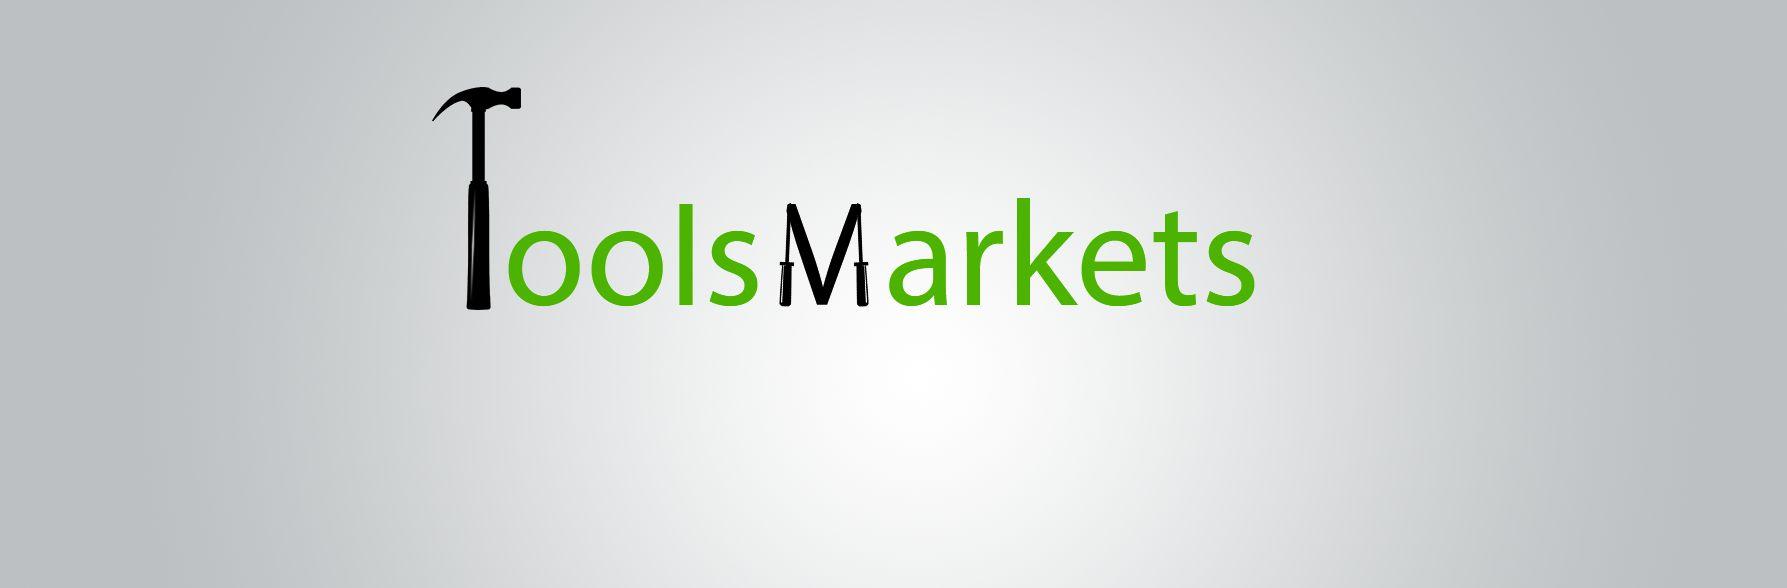 Логотип для ИМ TooIsMarkets - дизайнер iamvalentinee